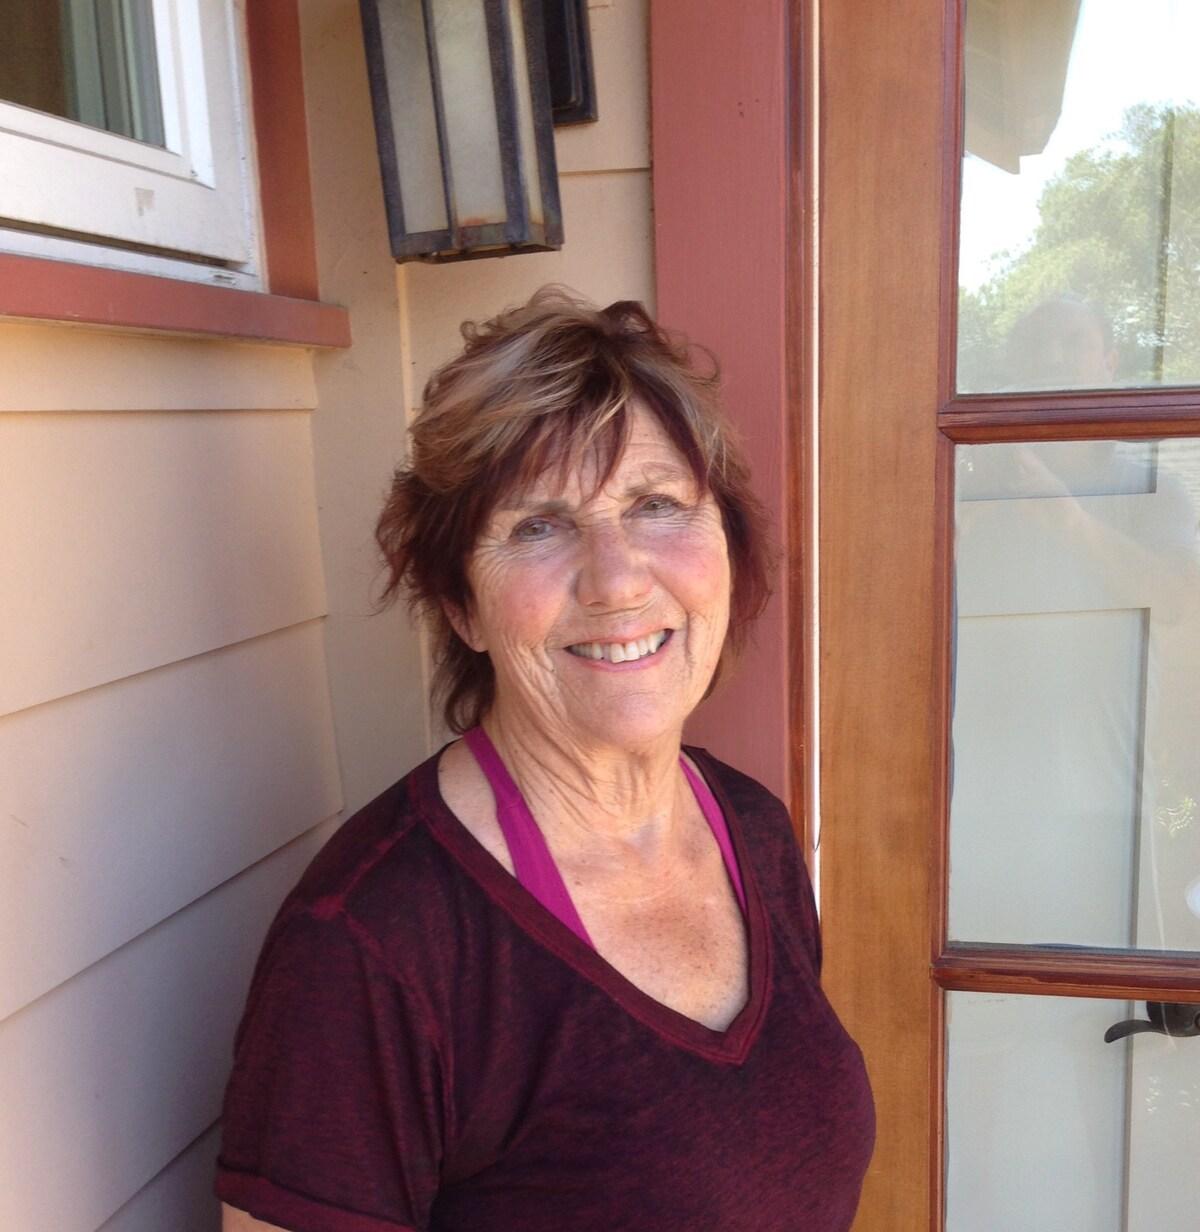 Tara from Santa Cruz